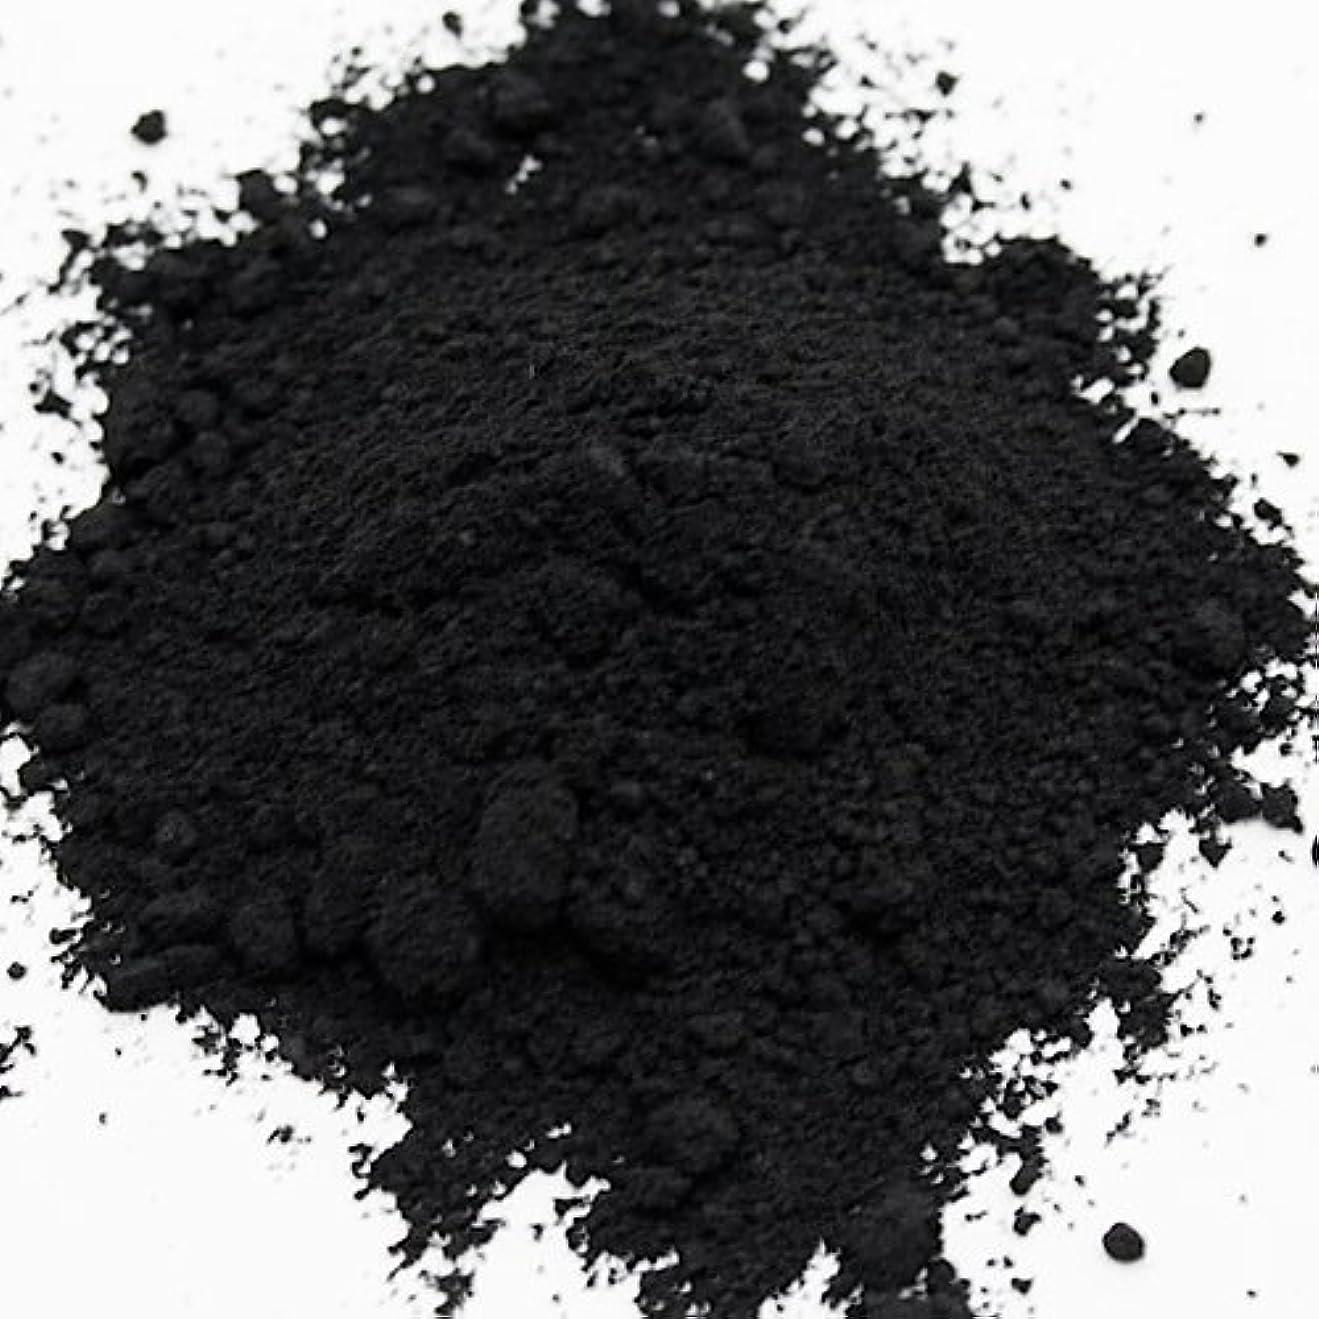 酸化鉄 ブラック 20g 【手作り石鹸/手作りコスメ/色付け/カラーラント/黒】